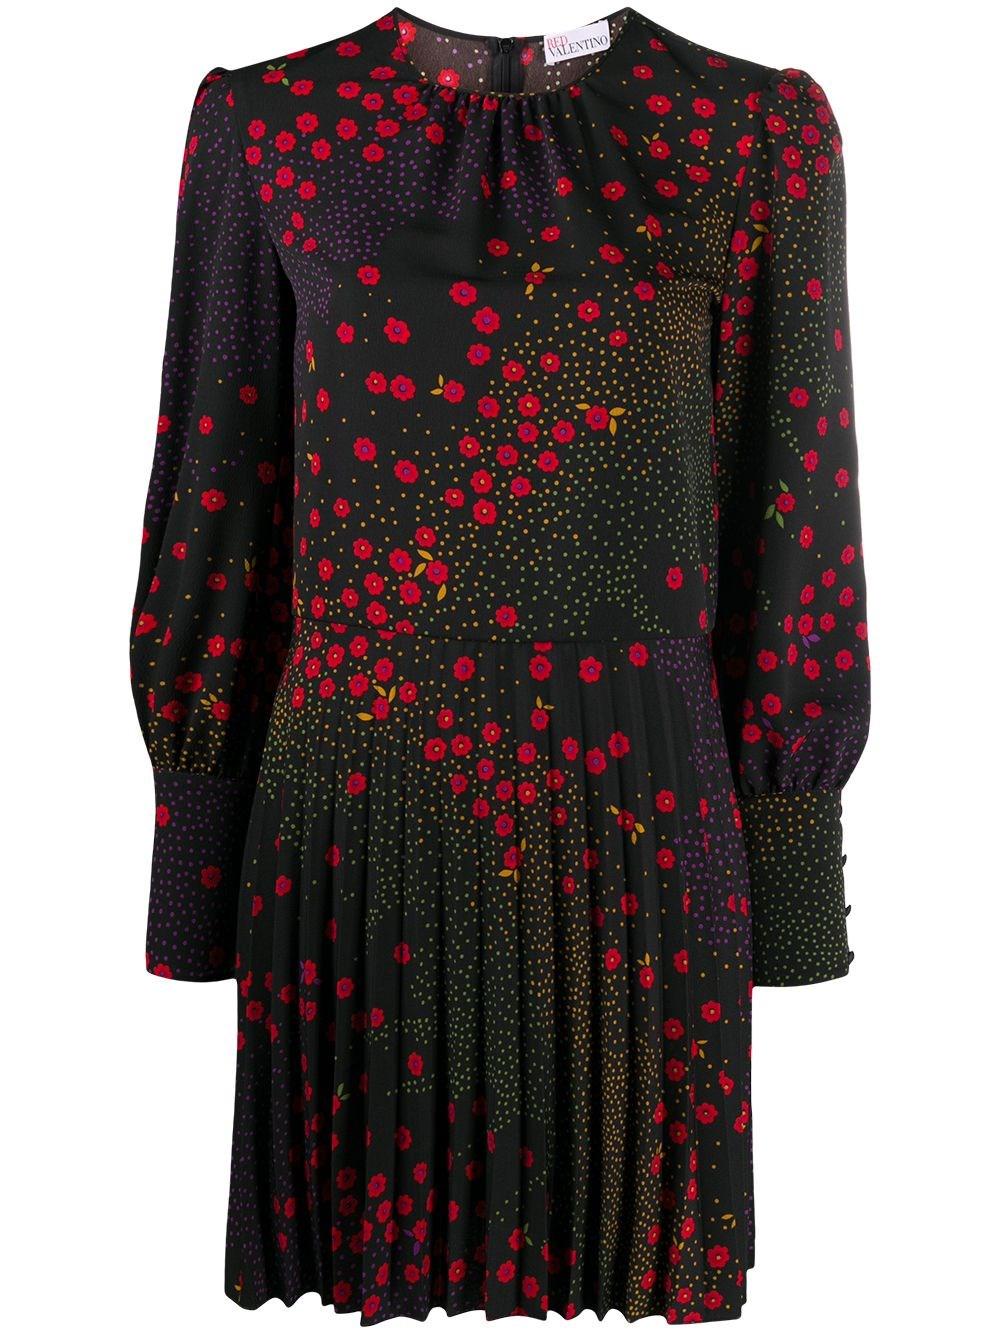 REDVALENTINO Printed Crepe De Chine Mini Dress